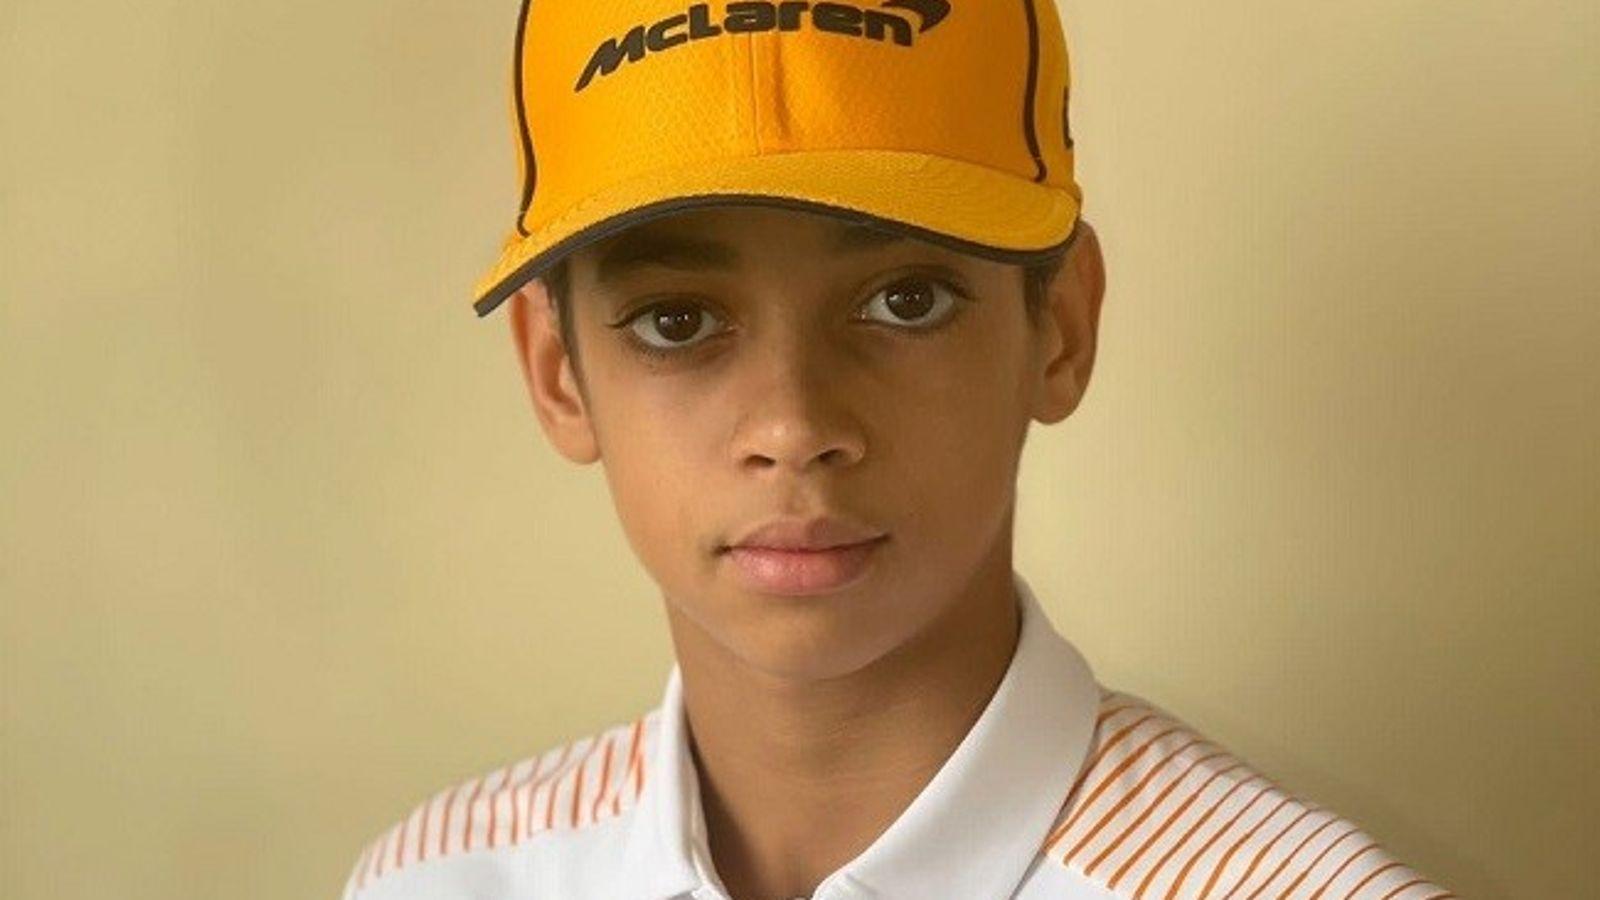 13χρονος υπέγραψε συμβόλαιο με ομάδα της Formula 1 (pics)